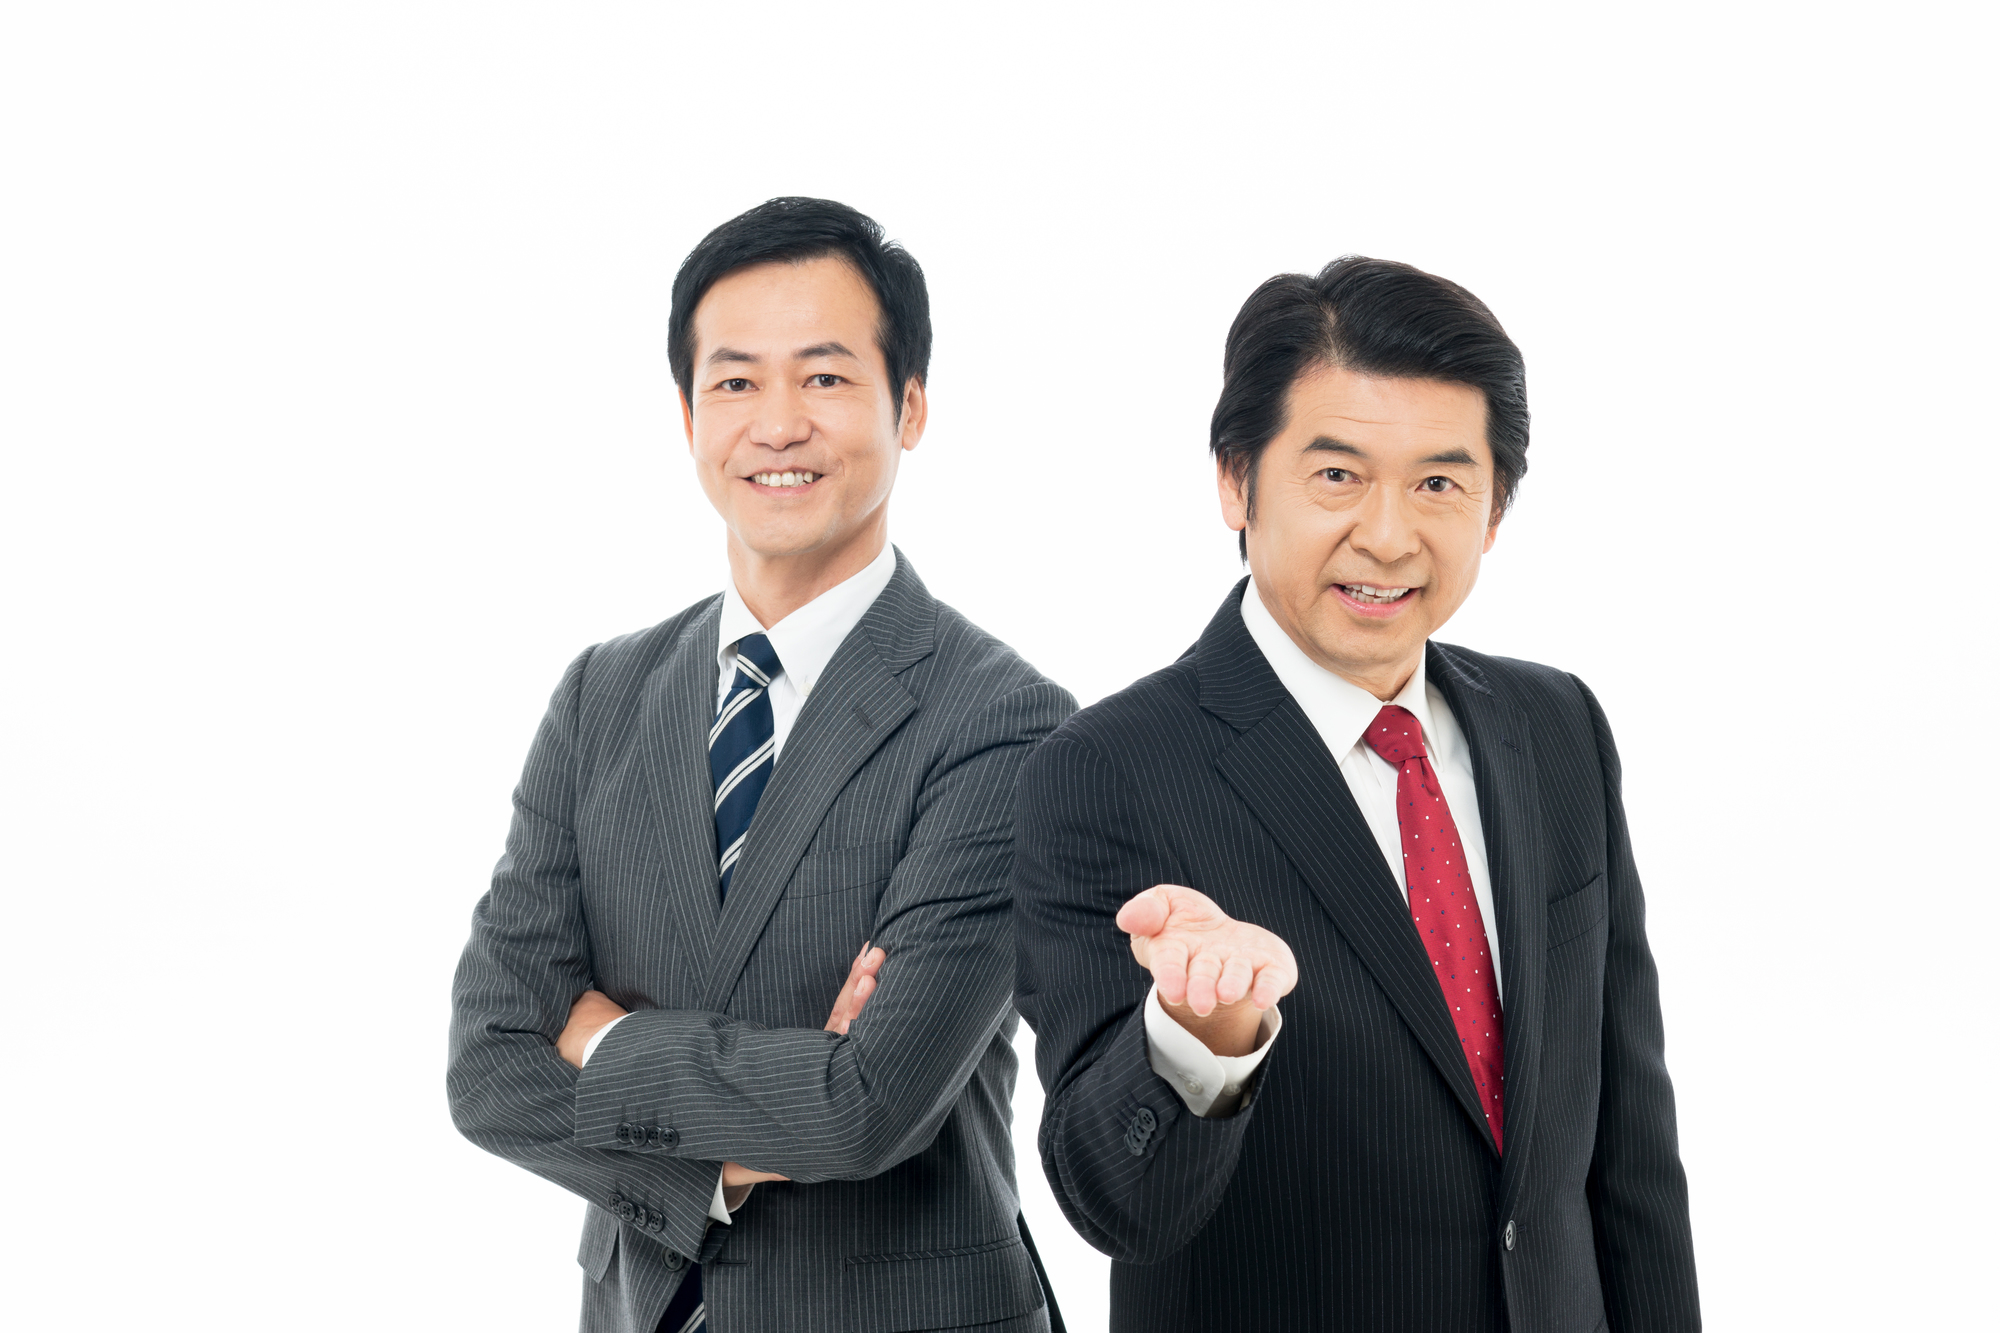 個人投資家を目指す人に!おすすめ投資サイト5選